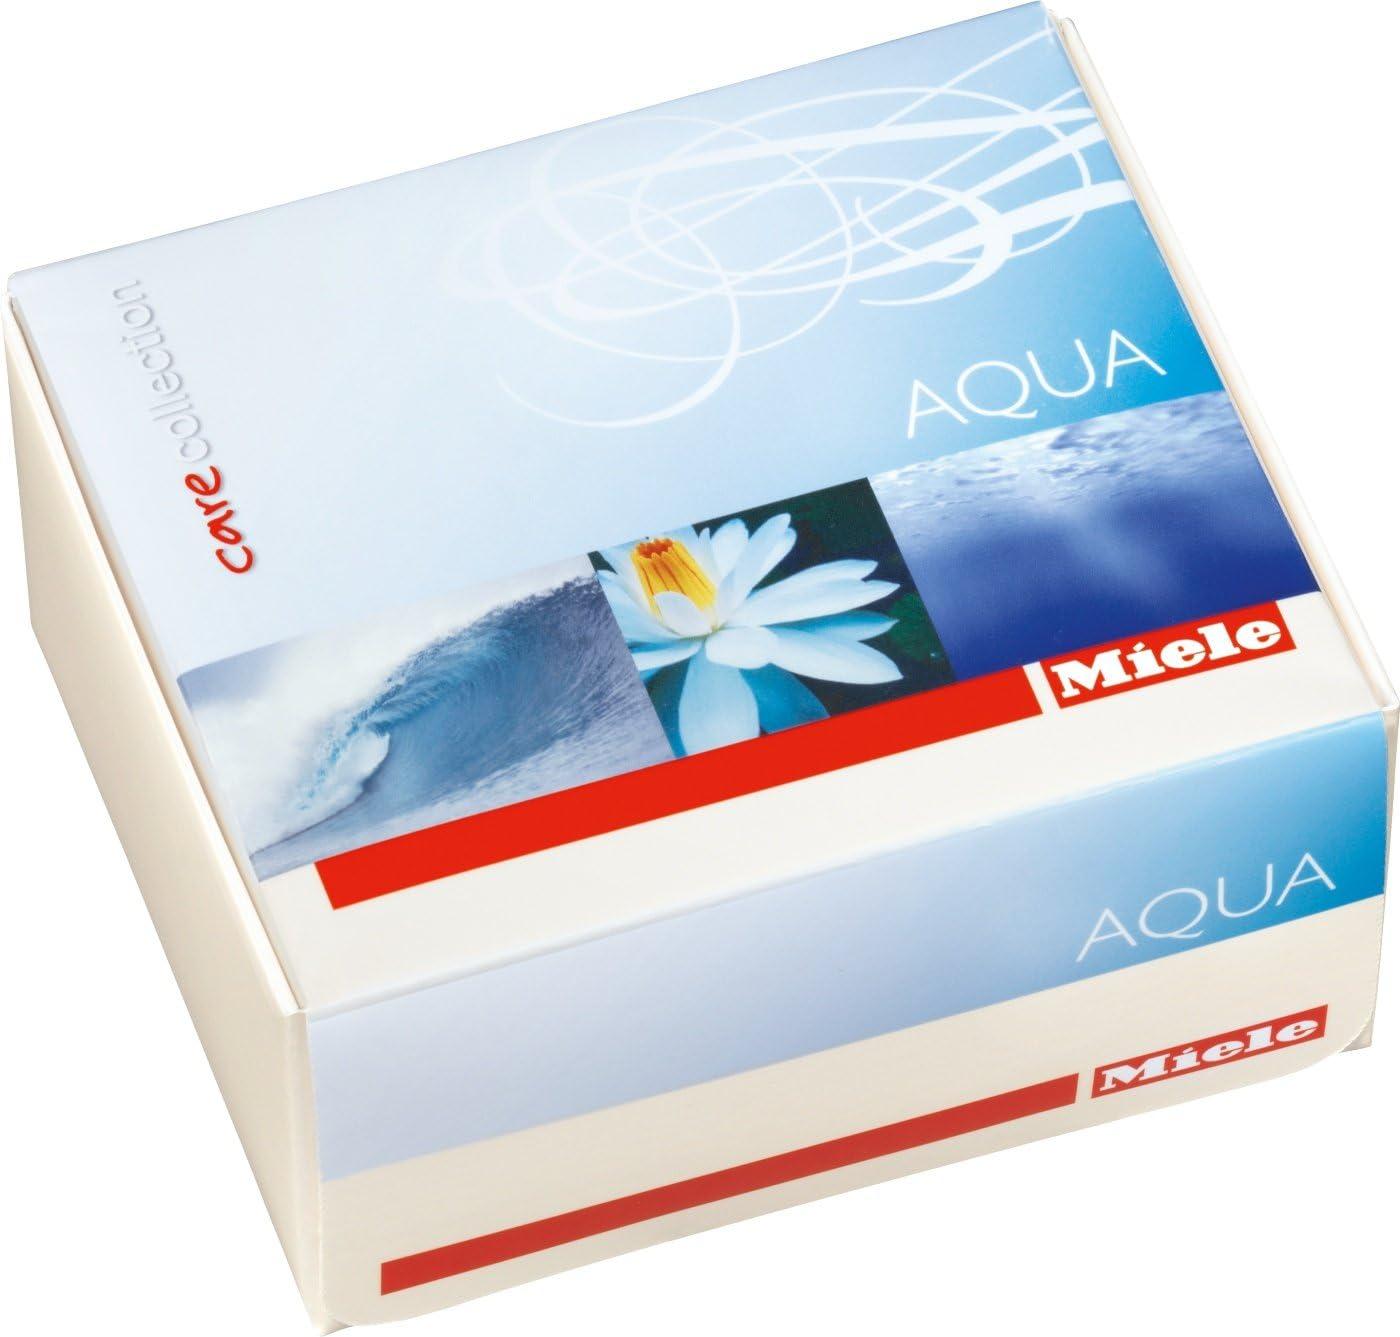 Miele 11997047 - Accesorio de hogar Azul, Color blanco